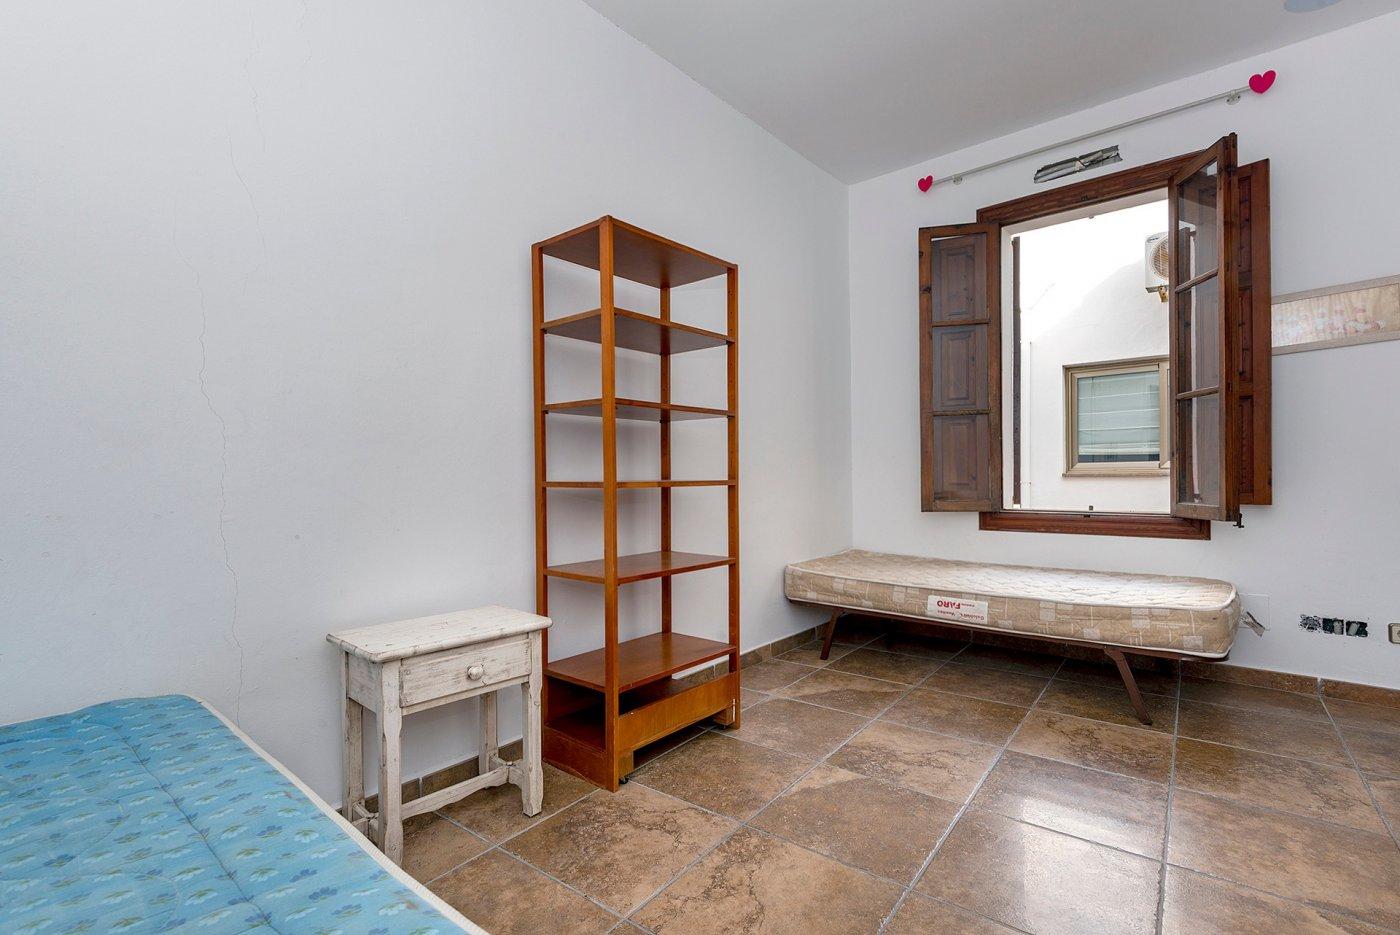 Gran vivienda totalmente reformada en pleno centro de manacor - imagenInmueble23